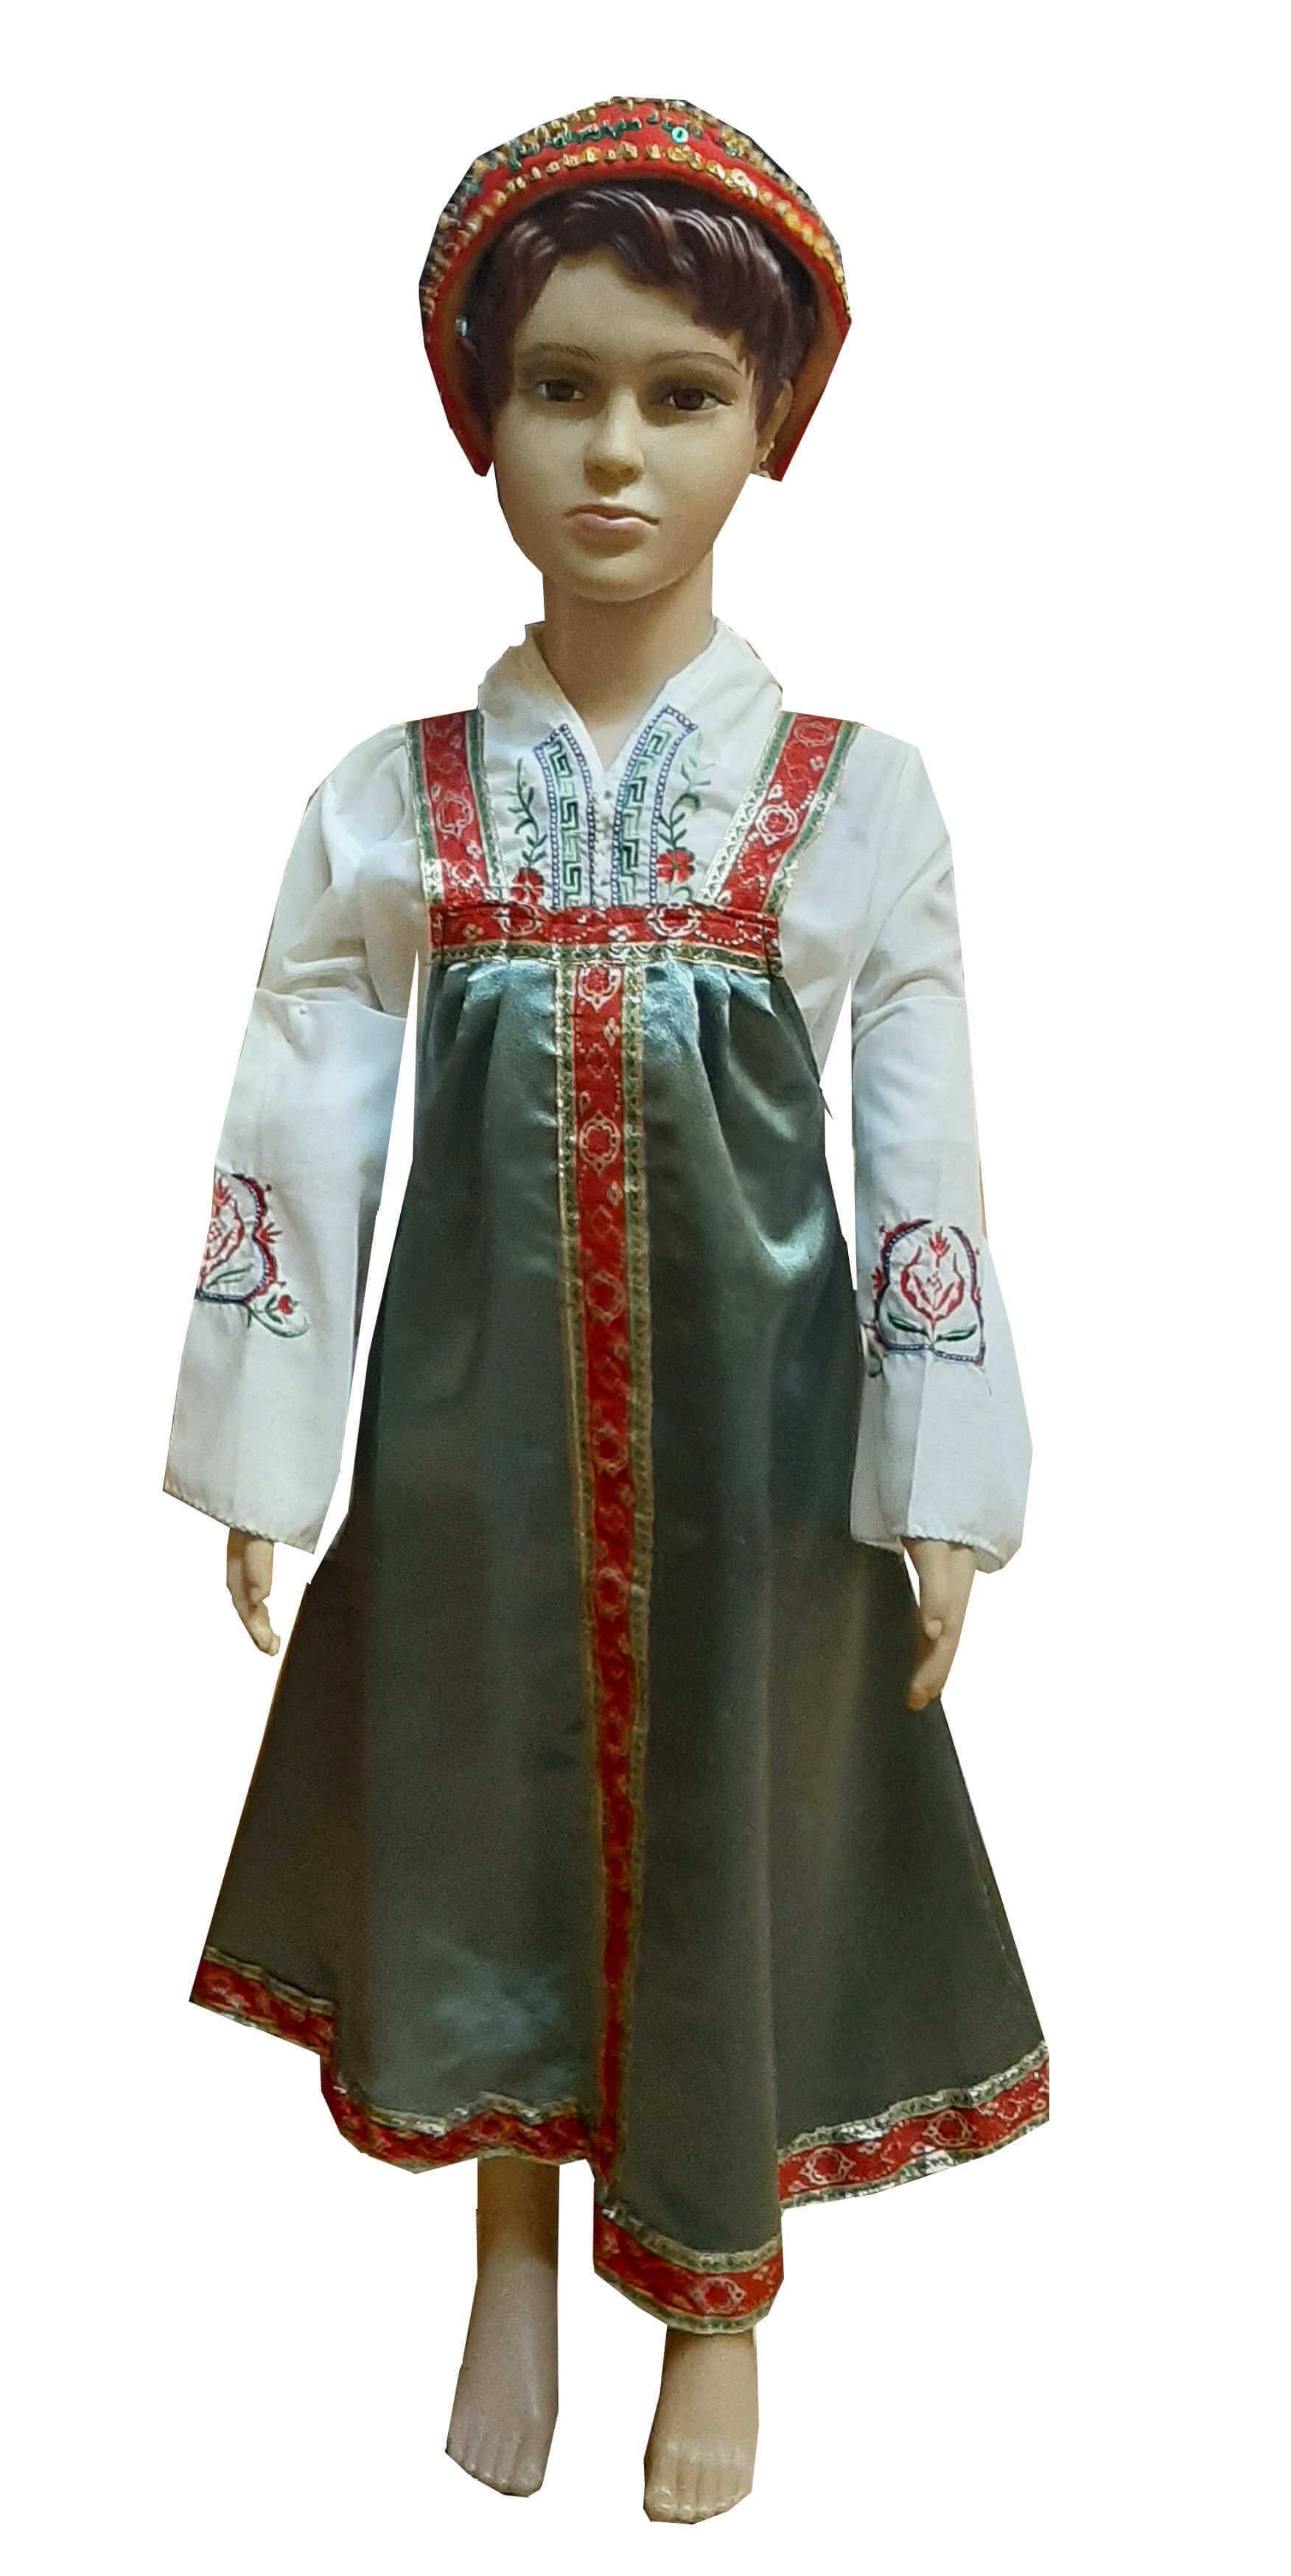 Rusų liaudies kostiumas mergaitei. Tautiniai kostiumai. Karnavalinių kostiumų nuoma vaikams Vilniuje - pasakunamai.lt